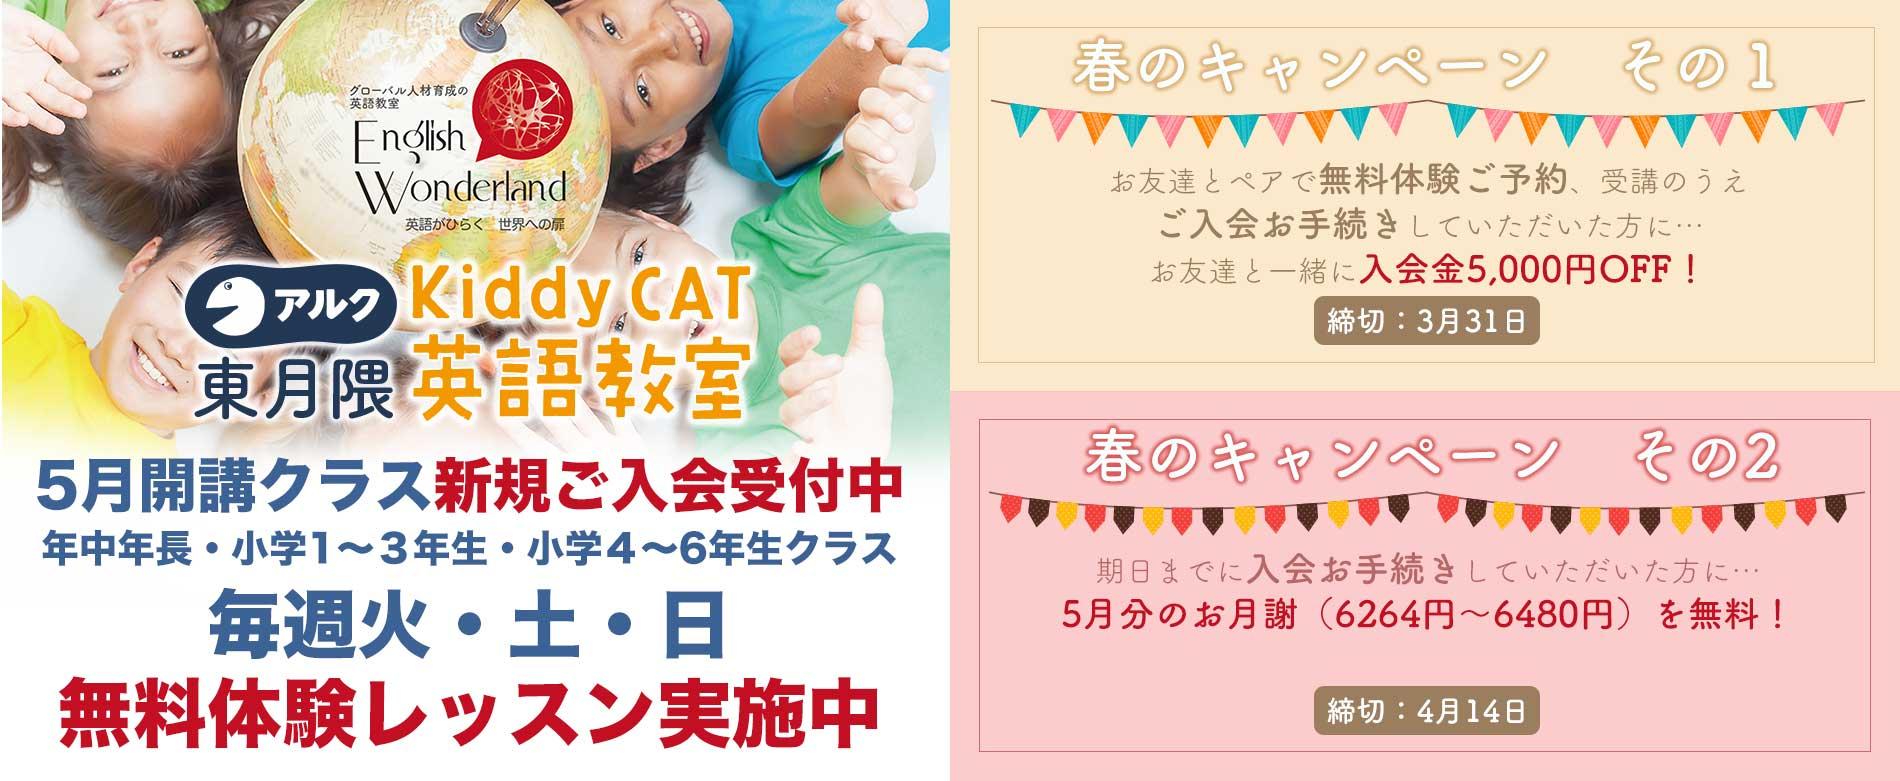 アルク東月隈Kiddy CAT英語教室 5月開講クラス新規ご入会受付中